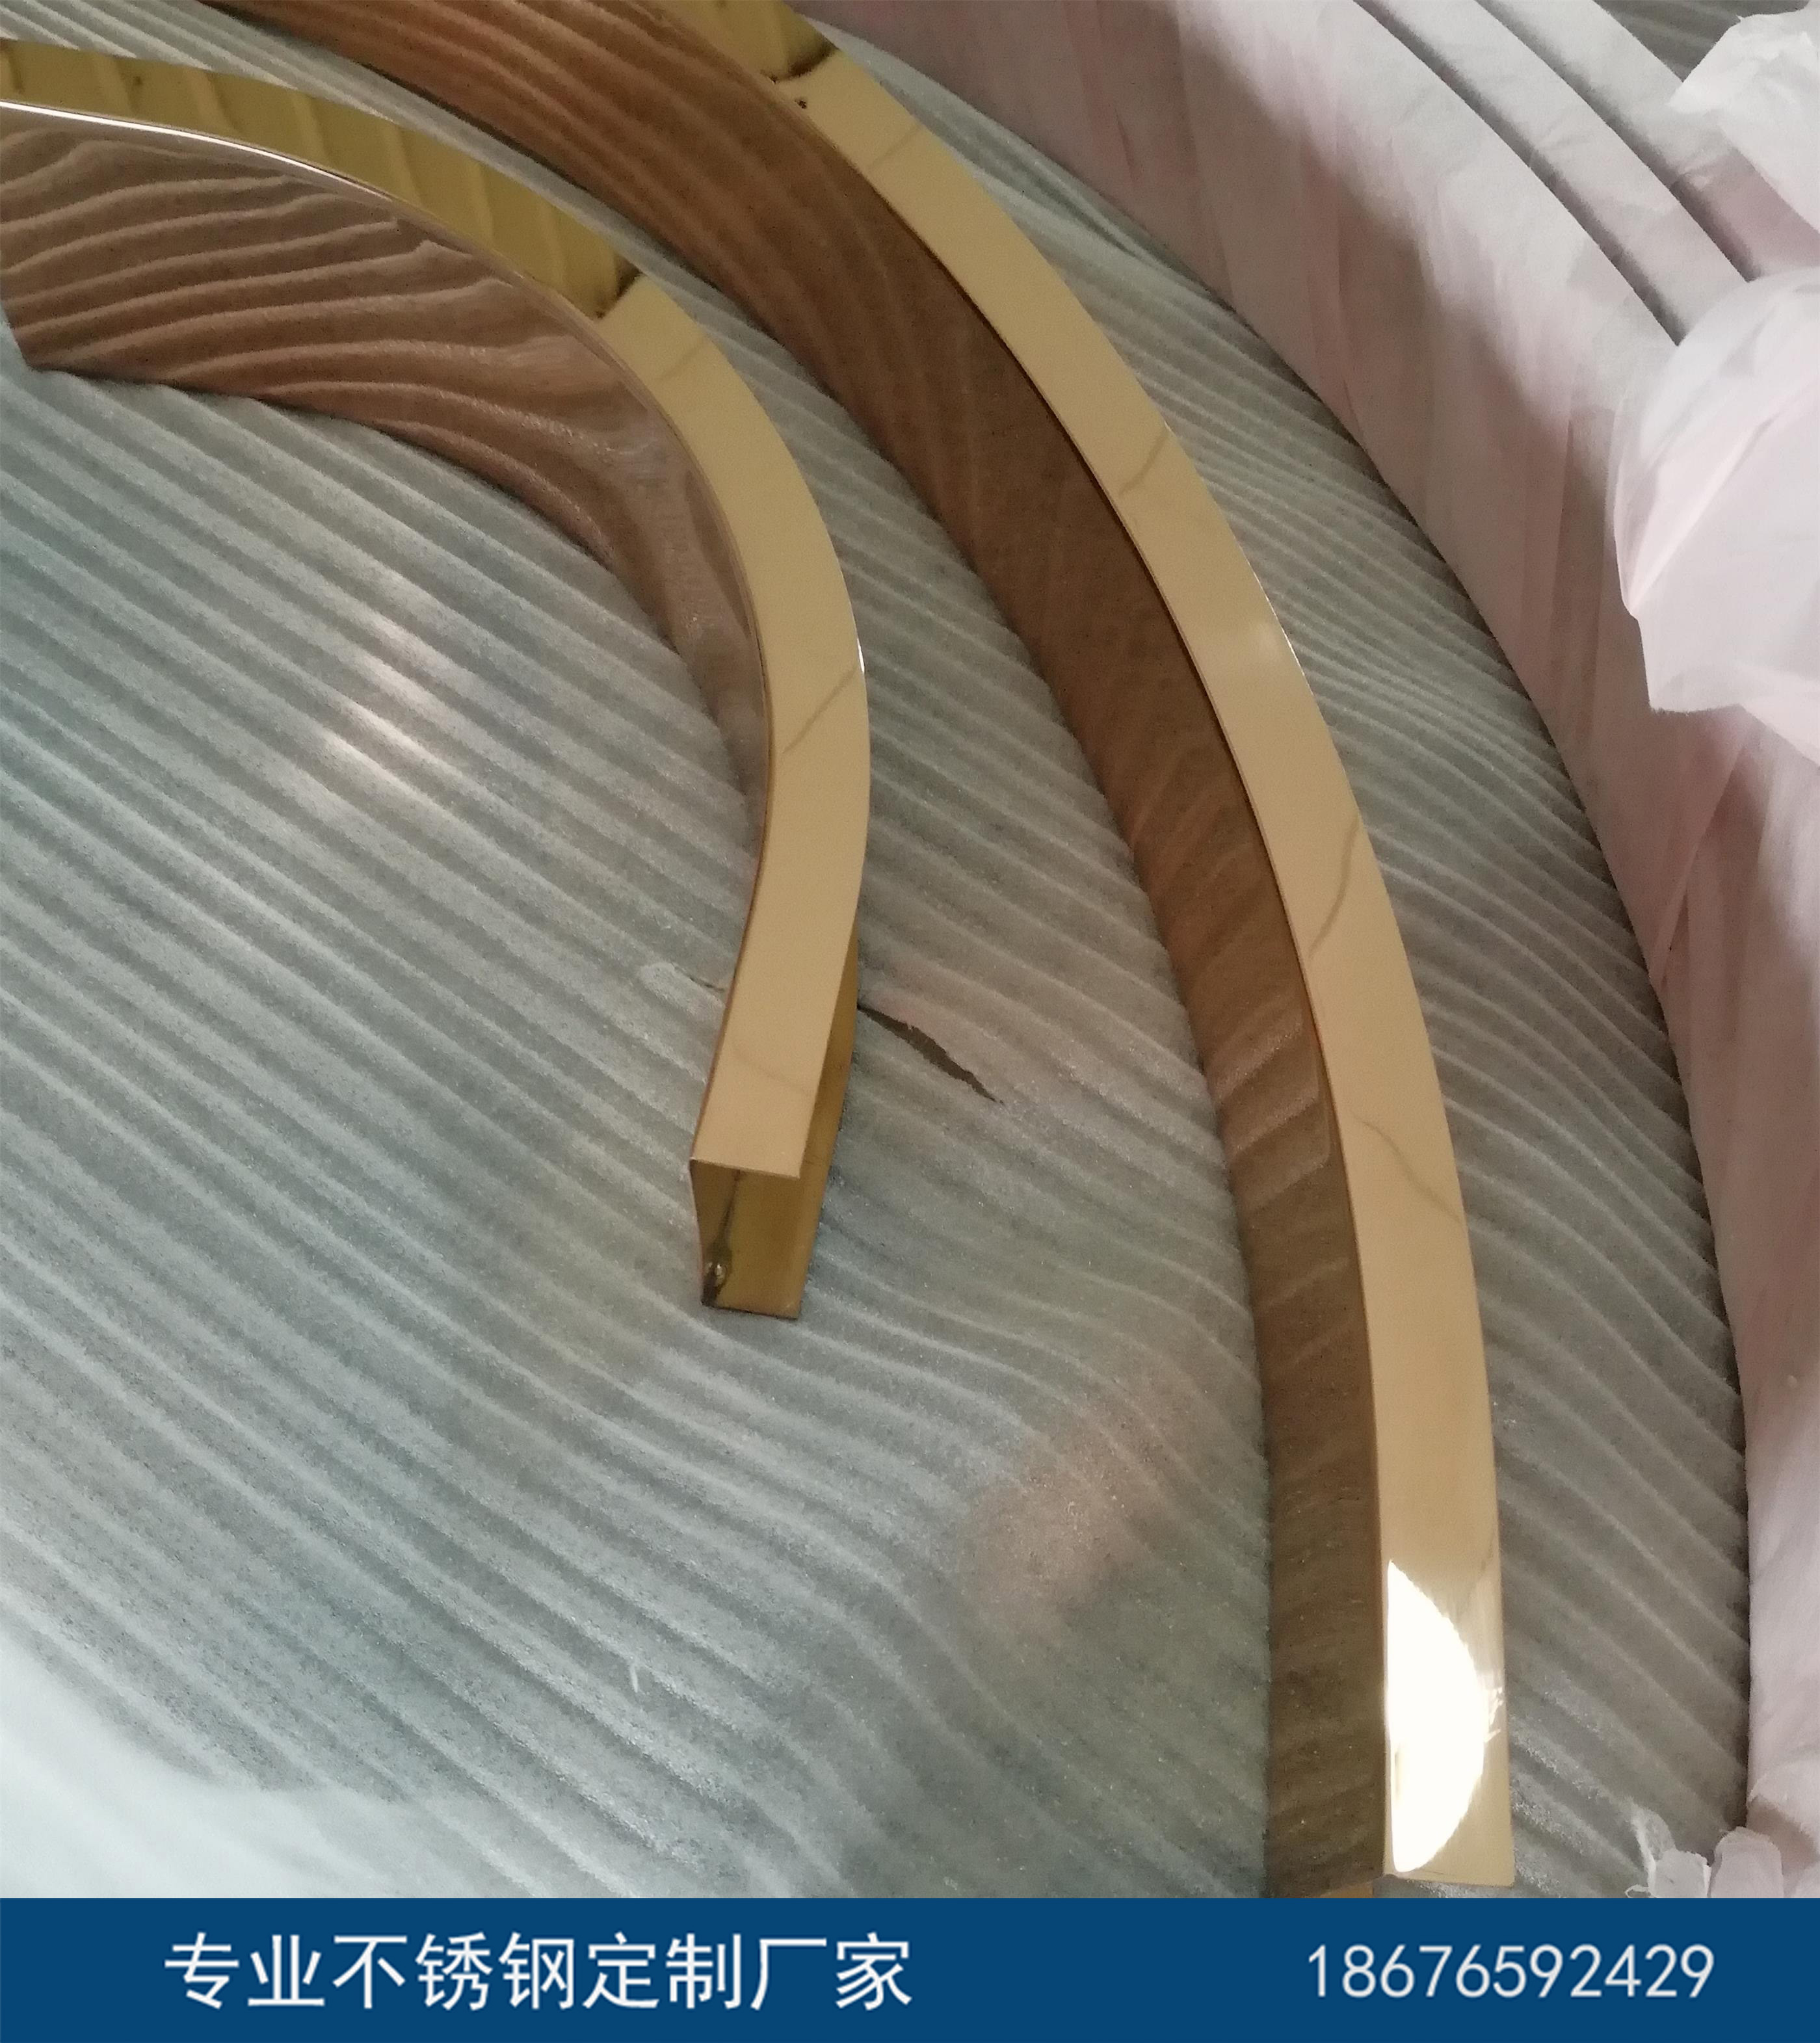 304不锈钢线条 瑰玫金弧形线条 工厂直销 来图来样定制